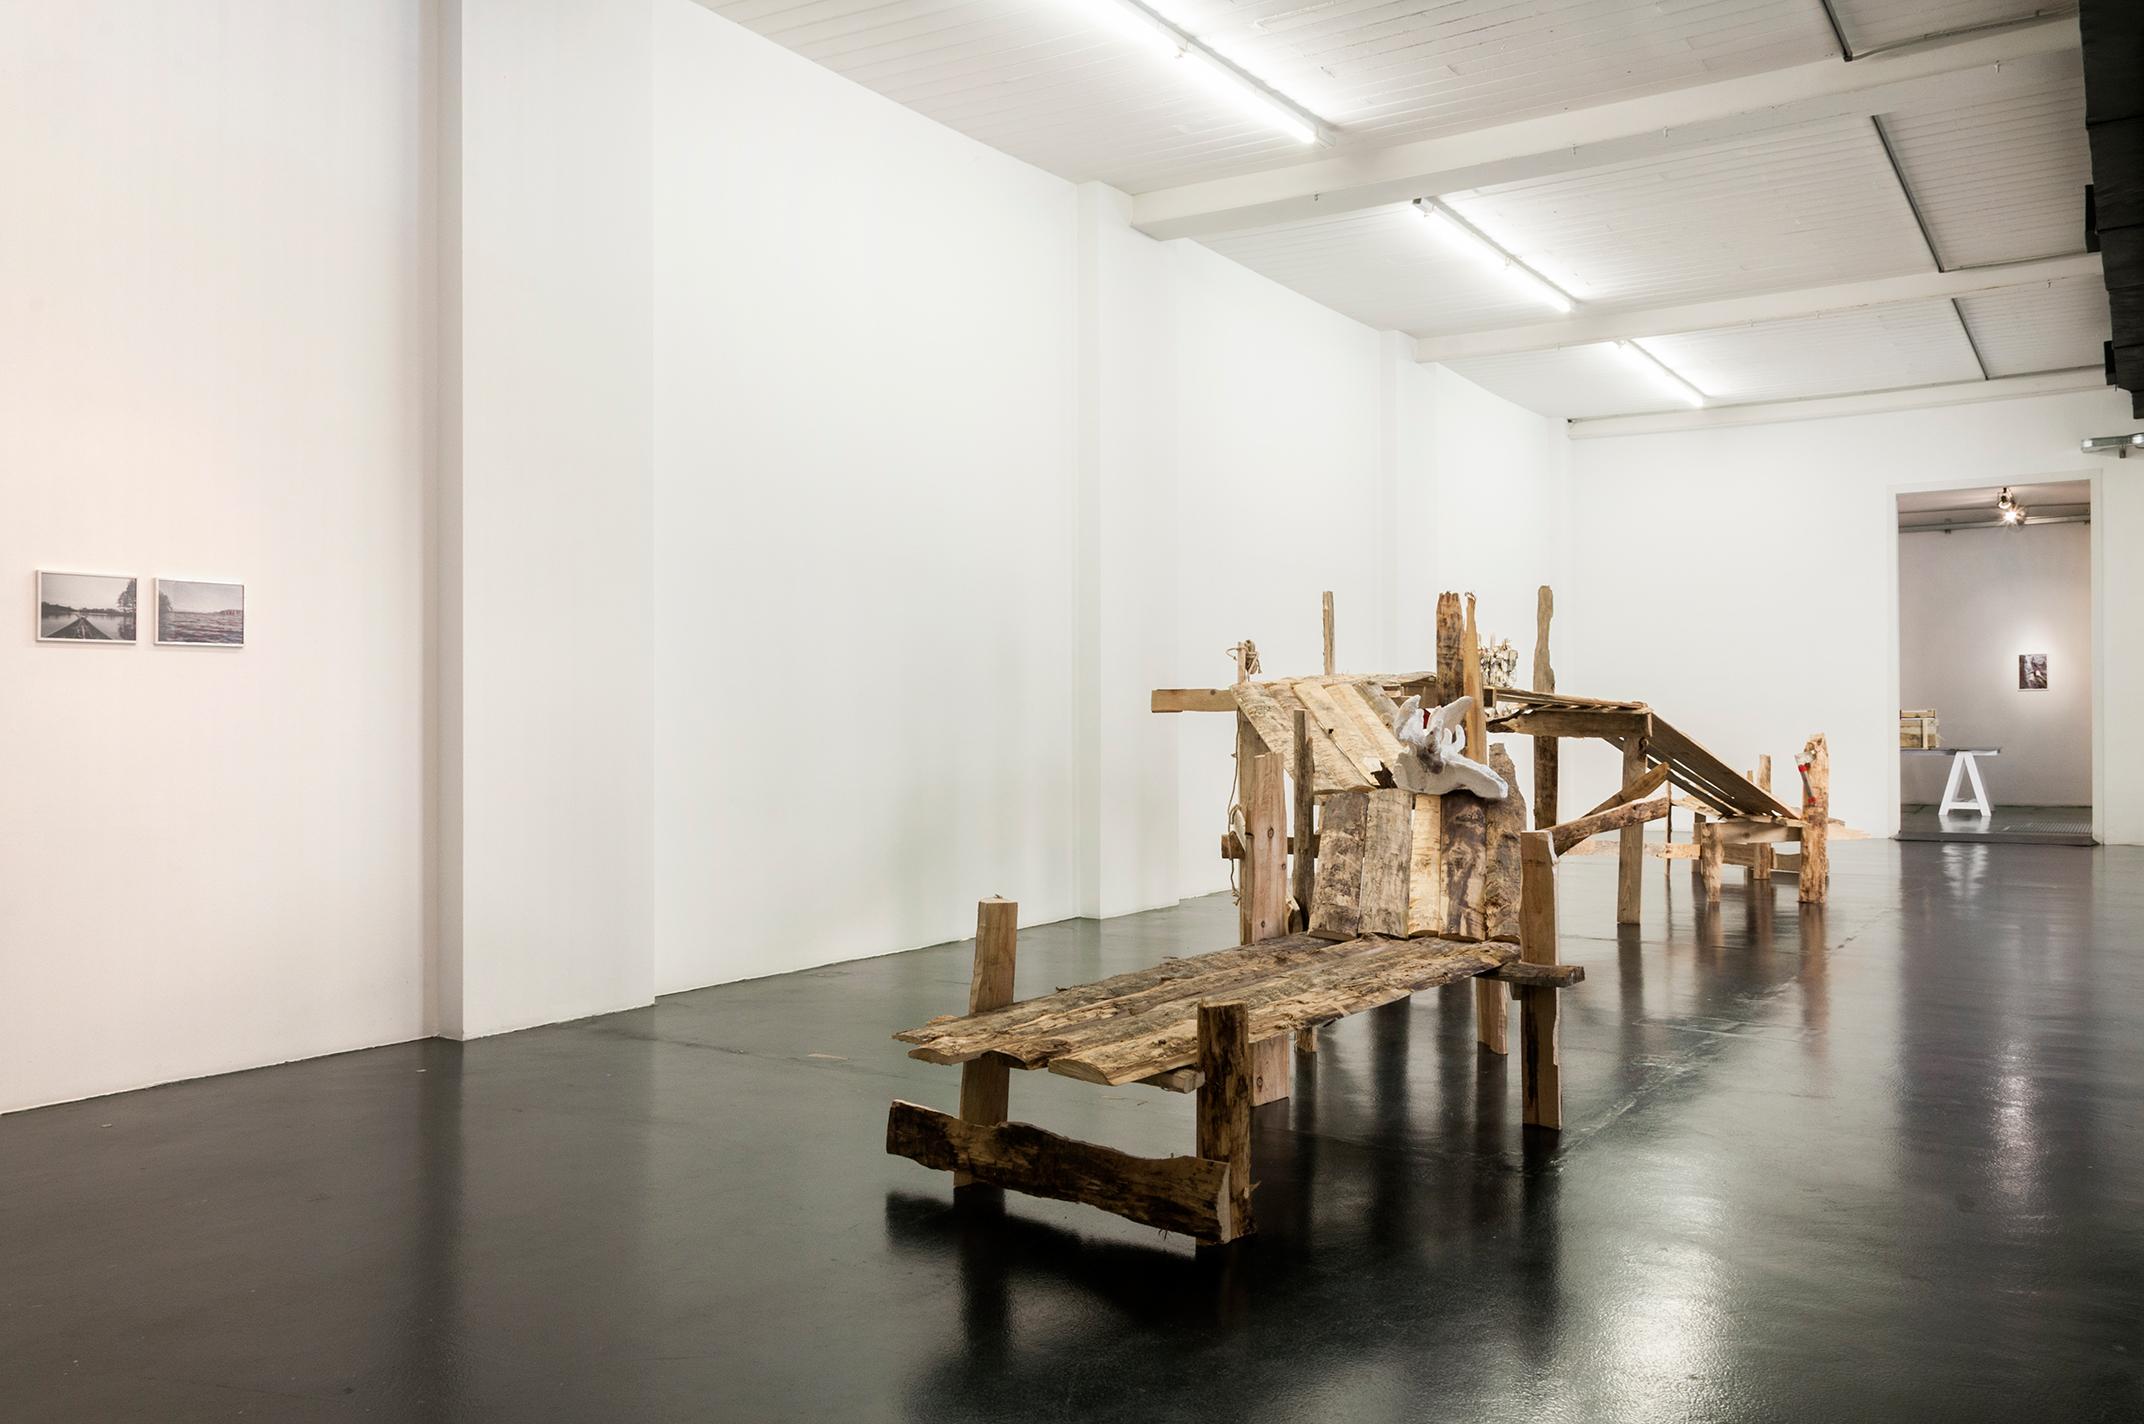 Daniele Girardi, Cronache Selvatiche, installazione, site-specific, artwork, opera, art installation